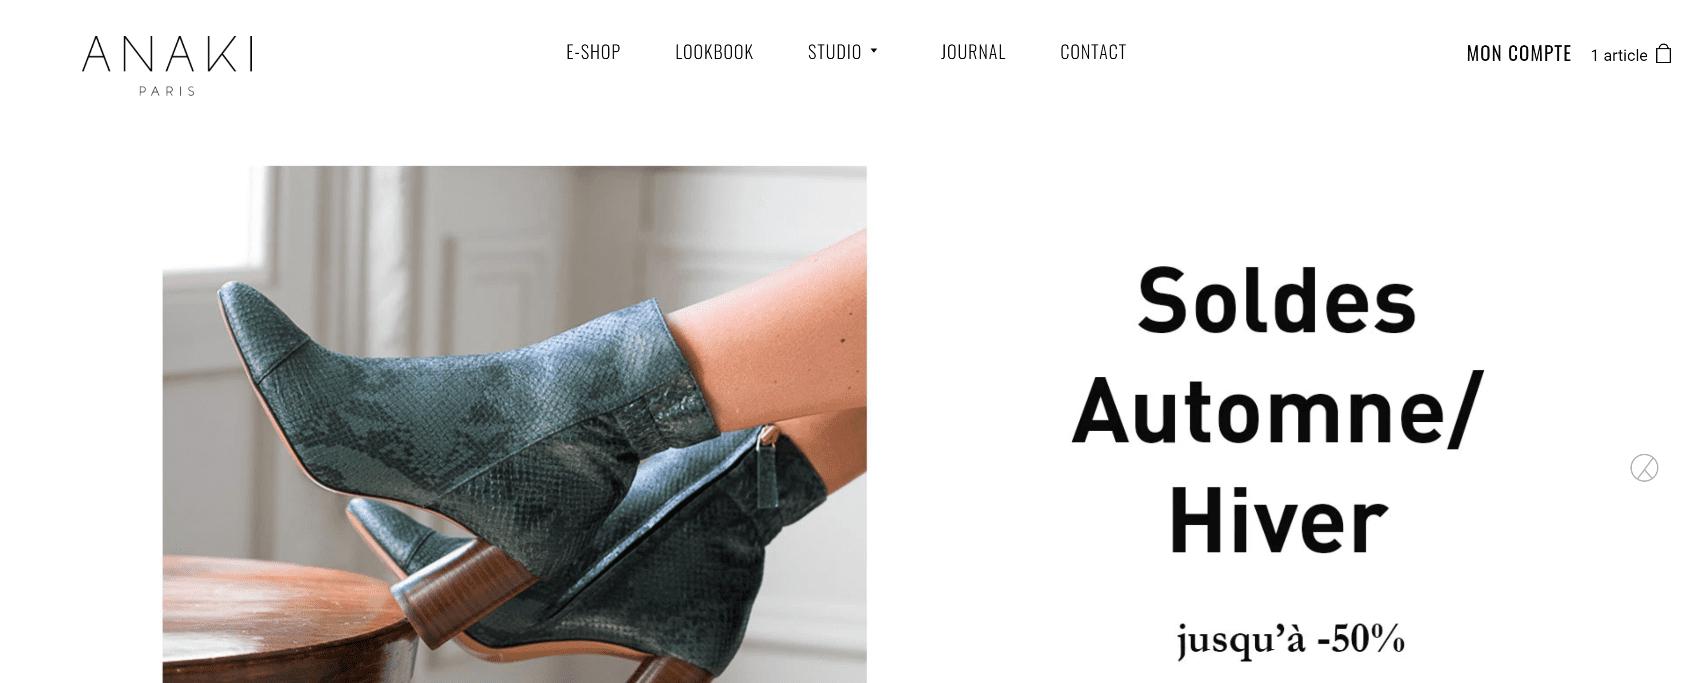 Boutique Shopify Anaki Paris